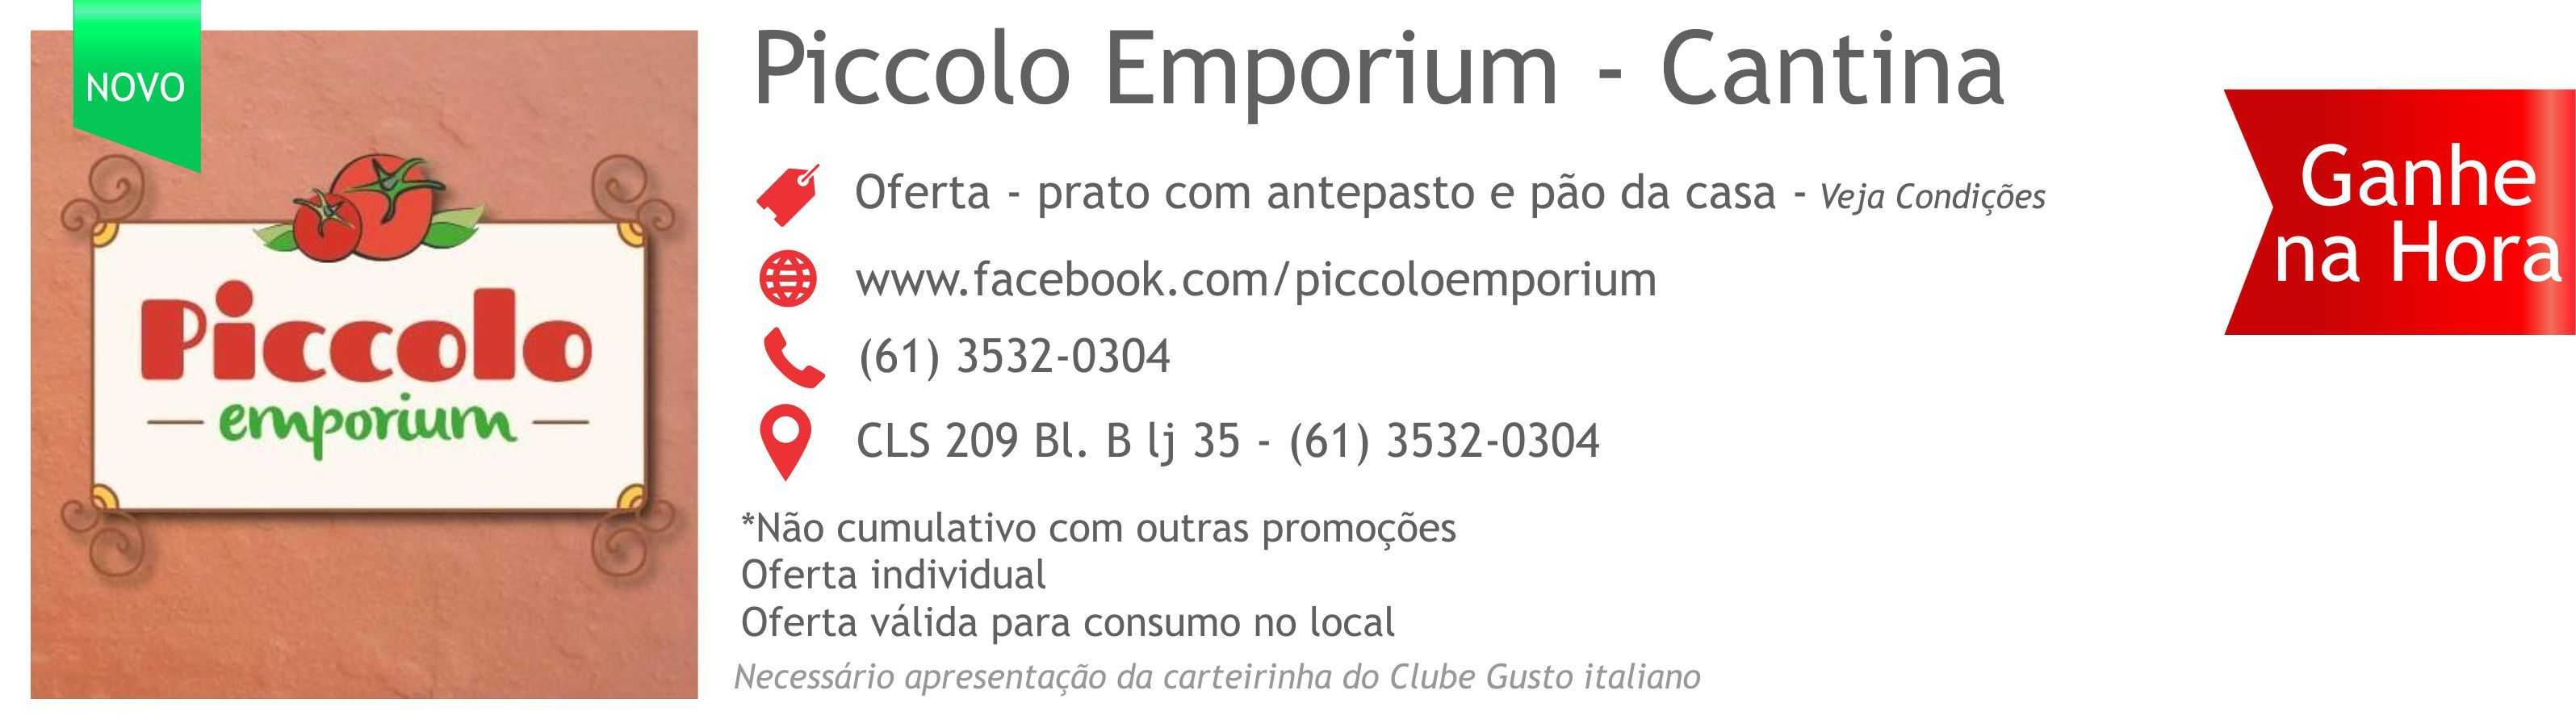 seja sócio do clube de vantagens e descontos. www.gustoitaliano.com.br